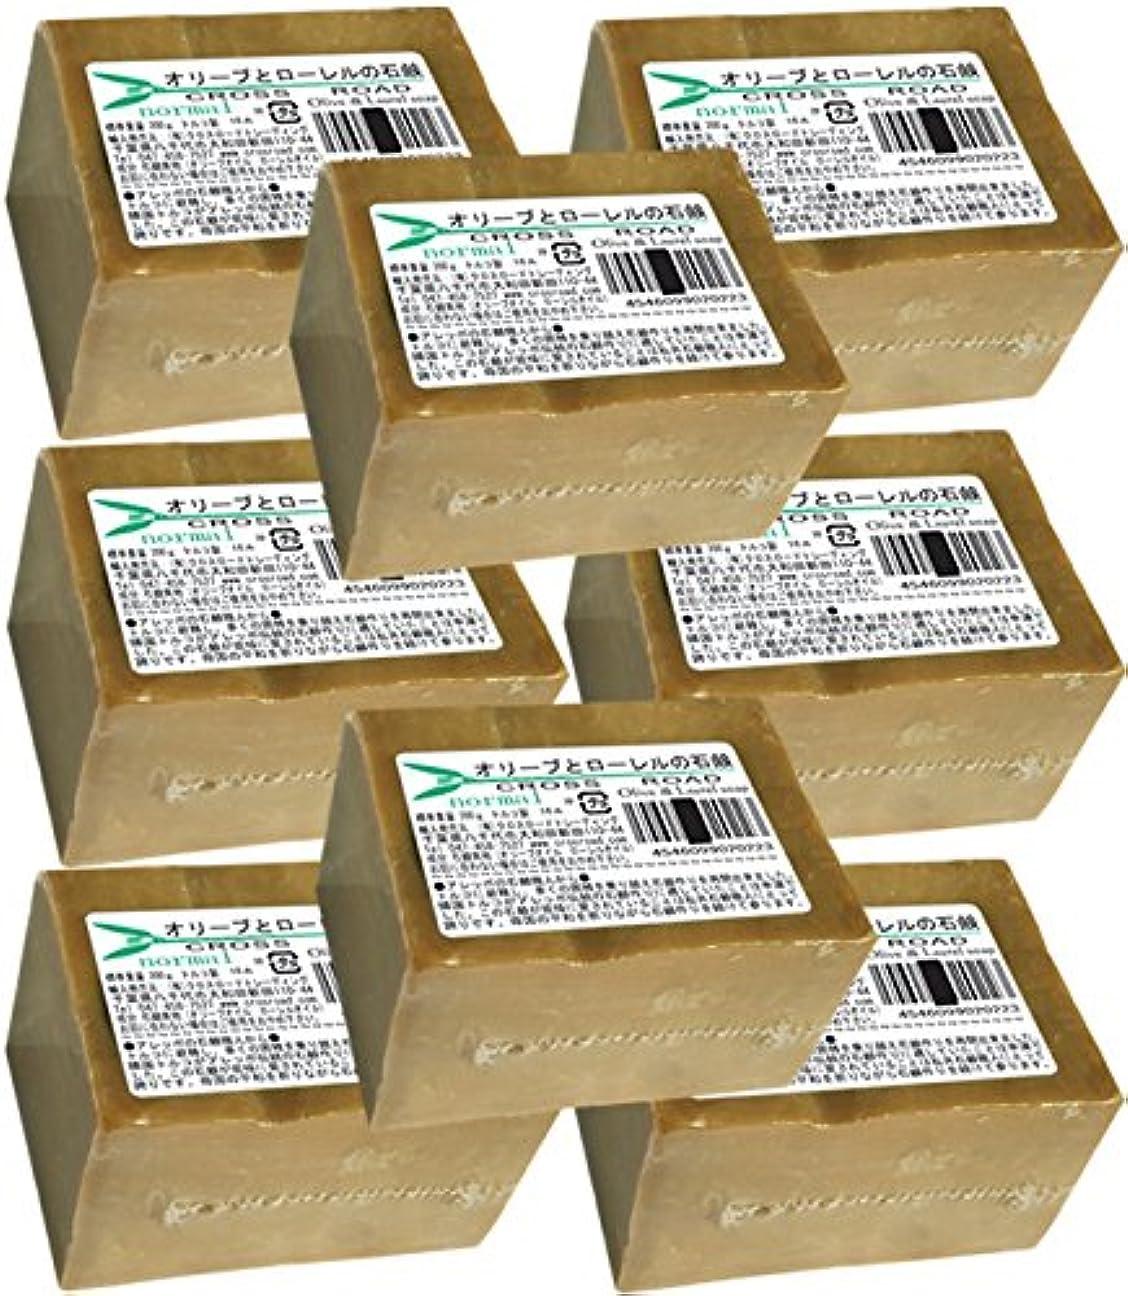 上下するインシデント寄託オリーブとローレルの石鹸(ノーマル)8個セット[並行輸入品]